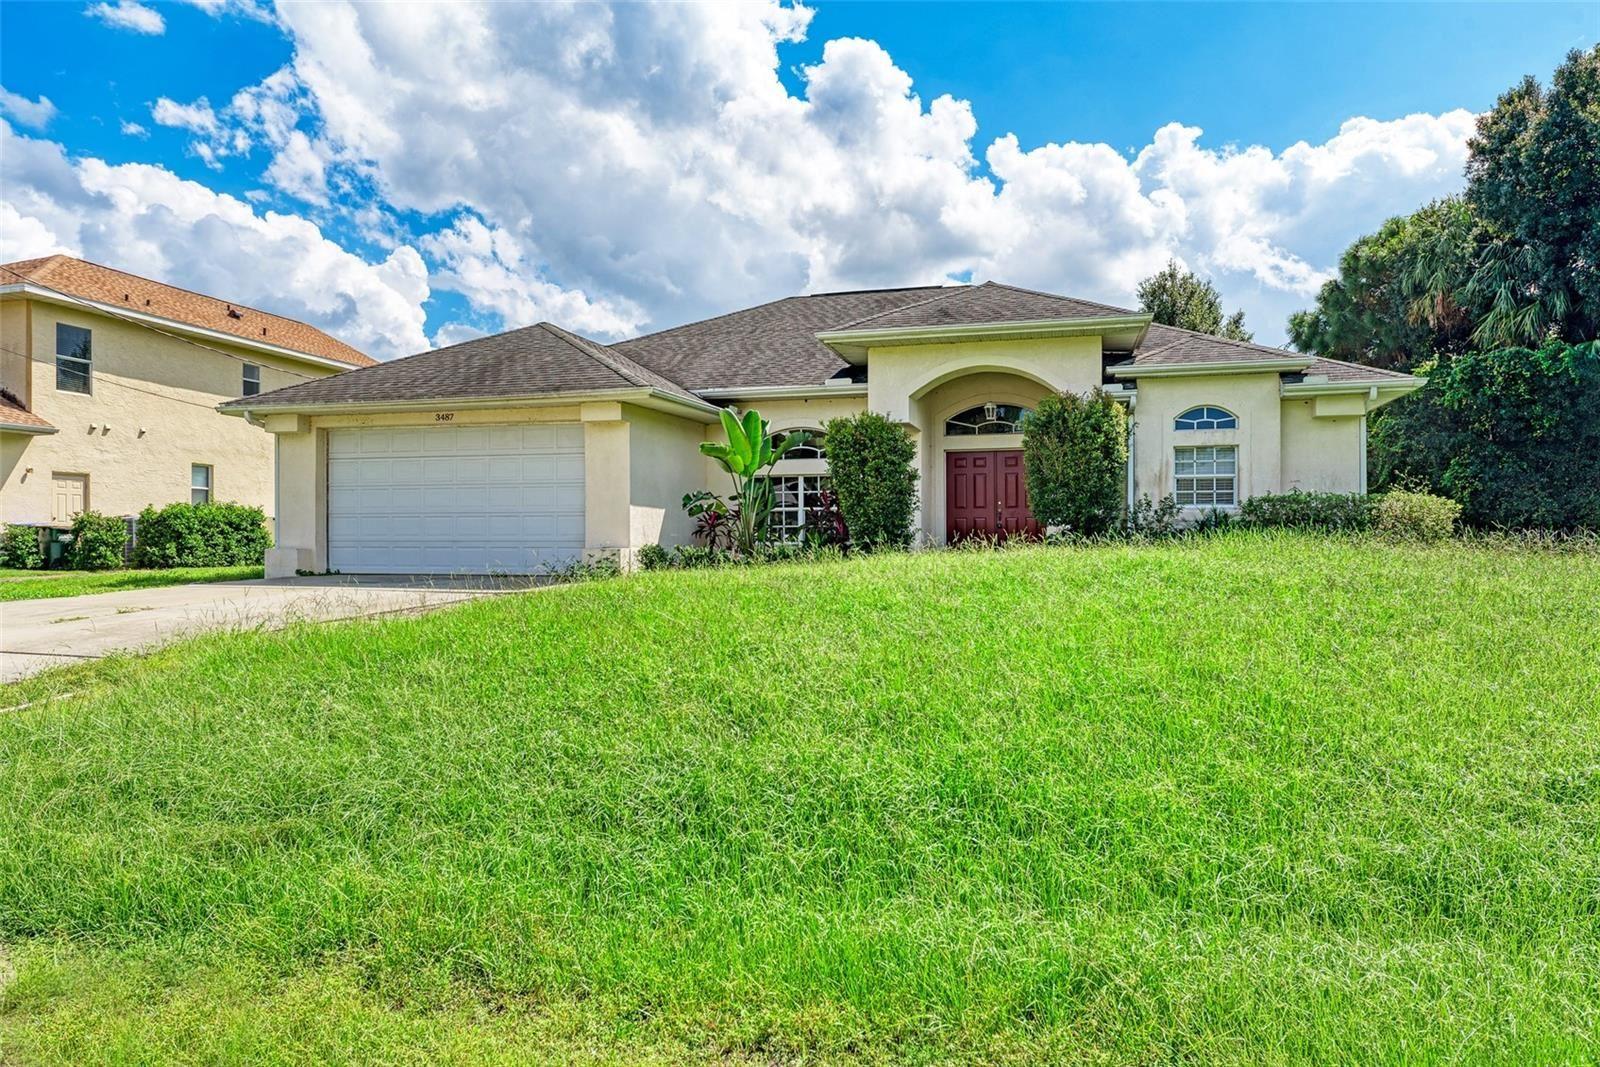 3487 NEMO AVENUE, North Port, FL 34287 - #: A4514020